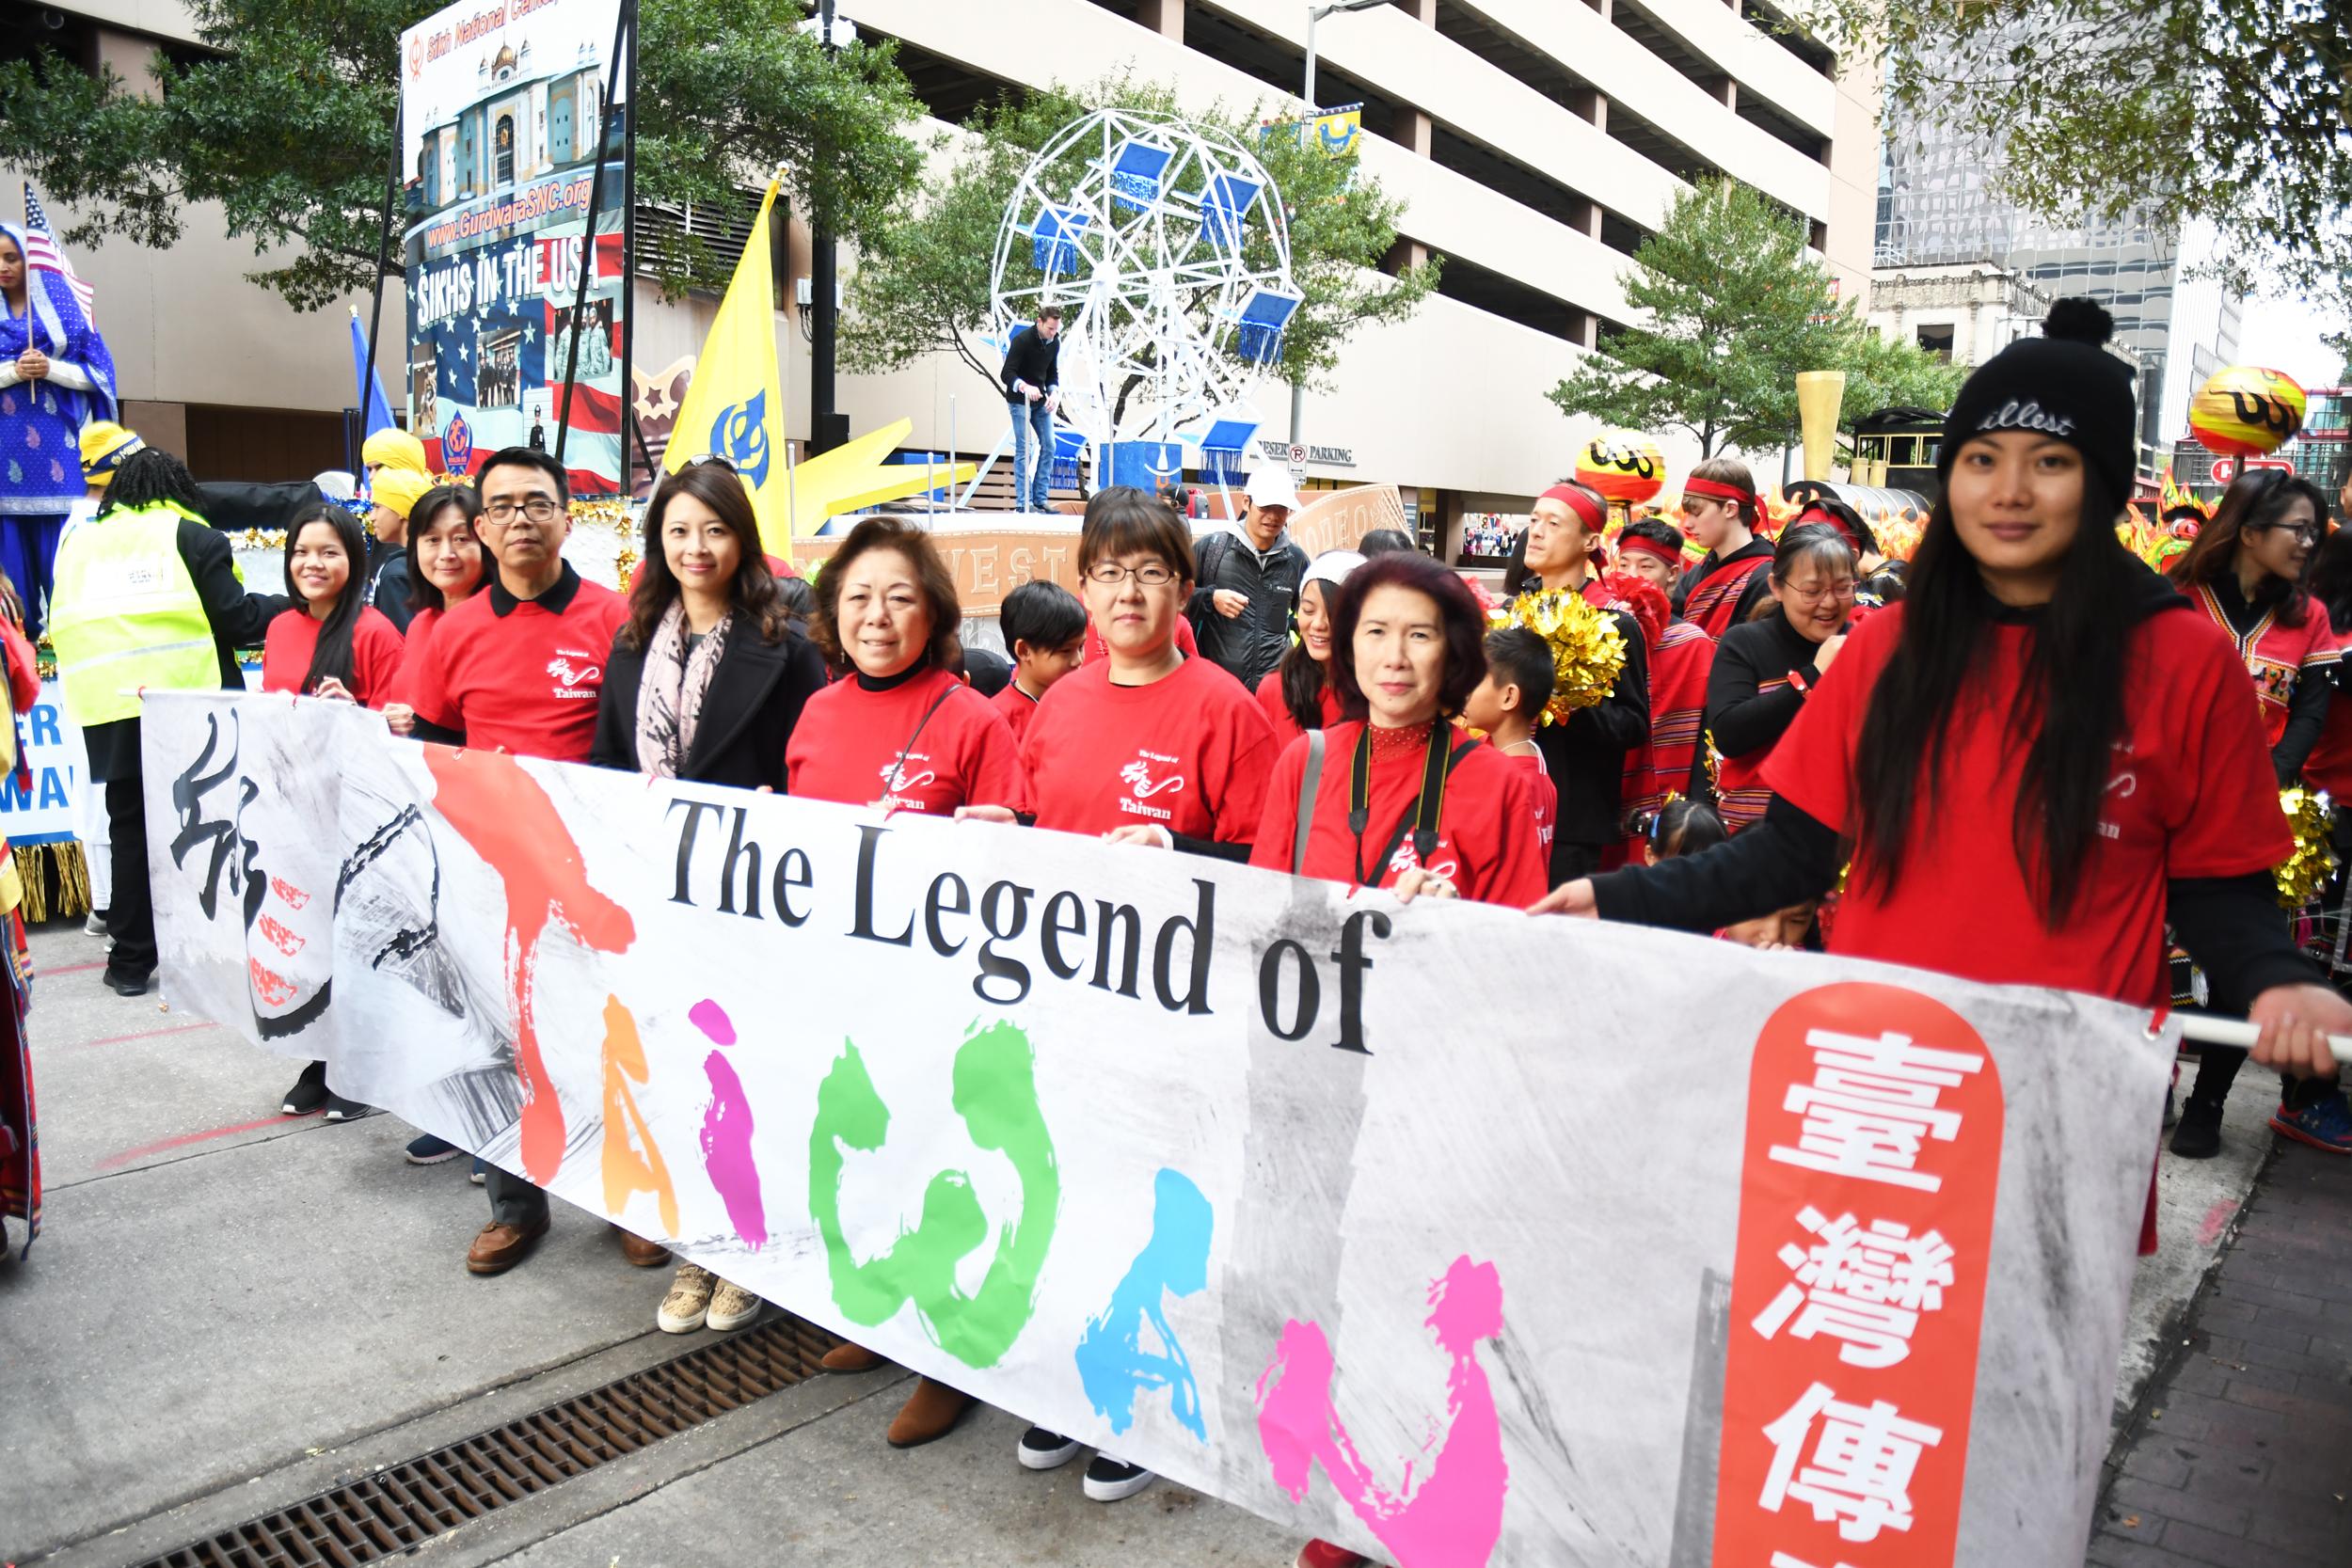 林映佐(右六)、金俊家(右四)、隊員及嘉賓手持台灣傳奇前導旗幟在出發前合影。